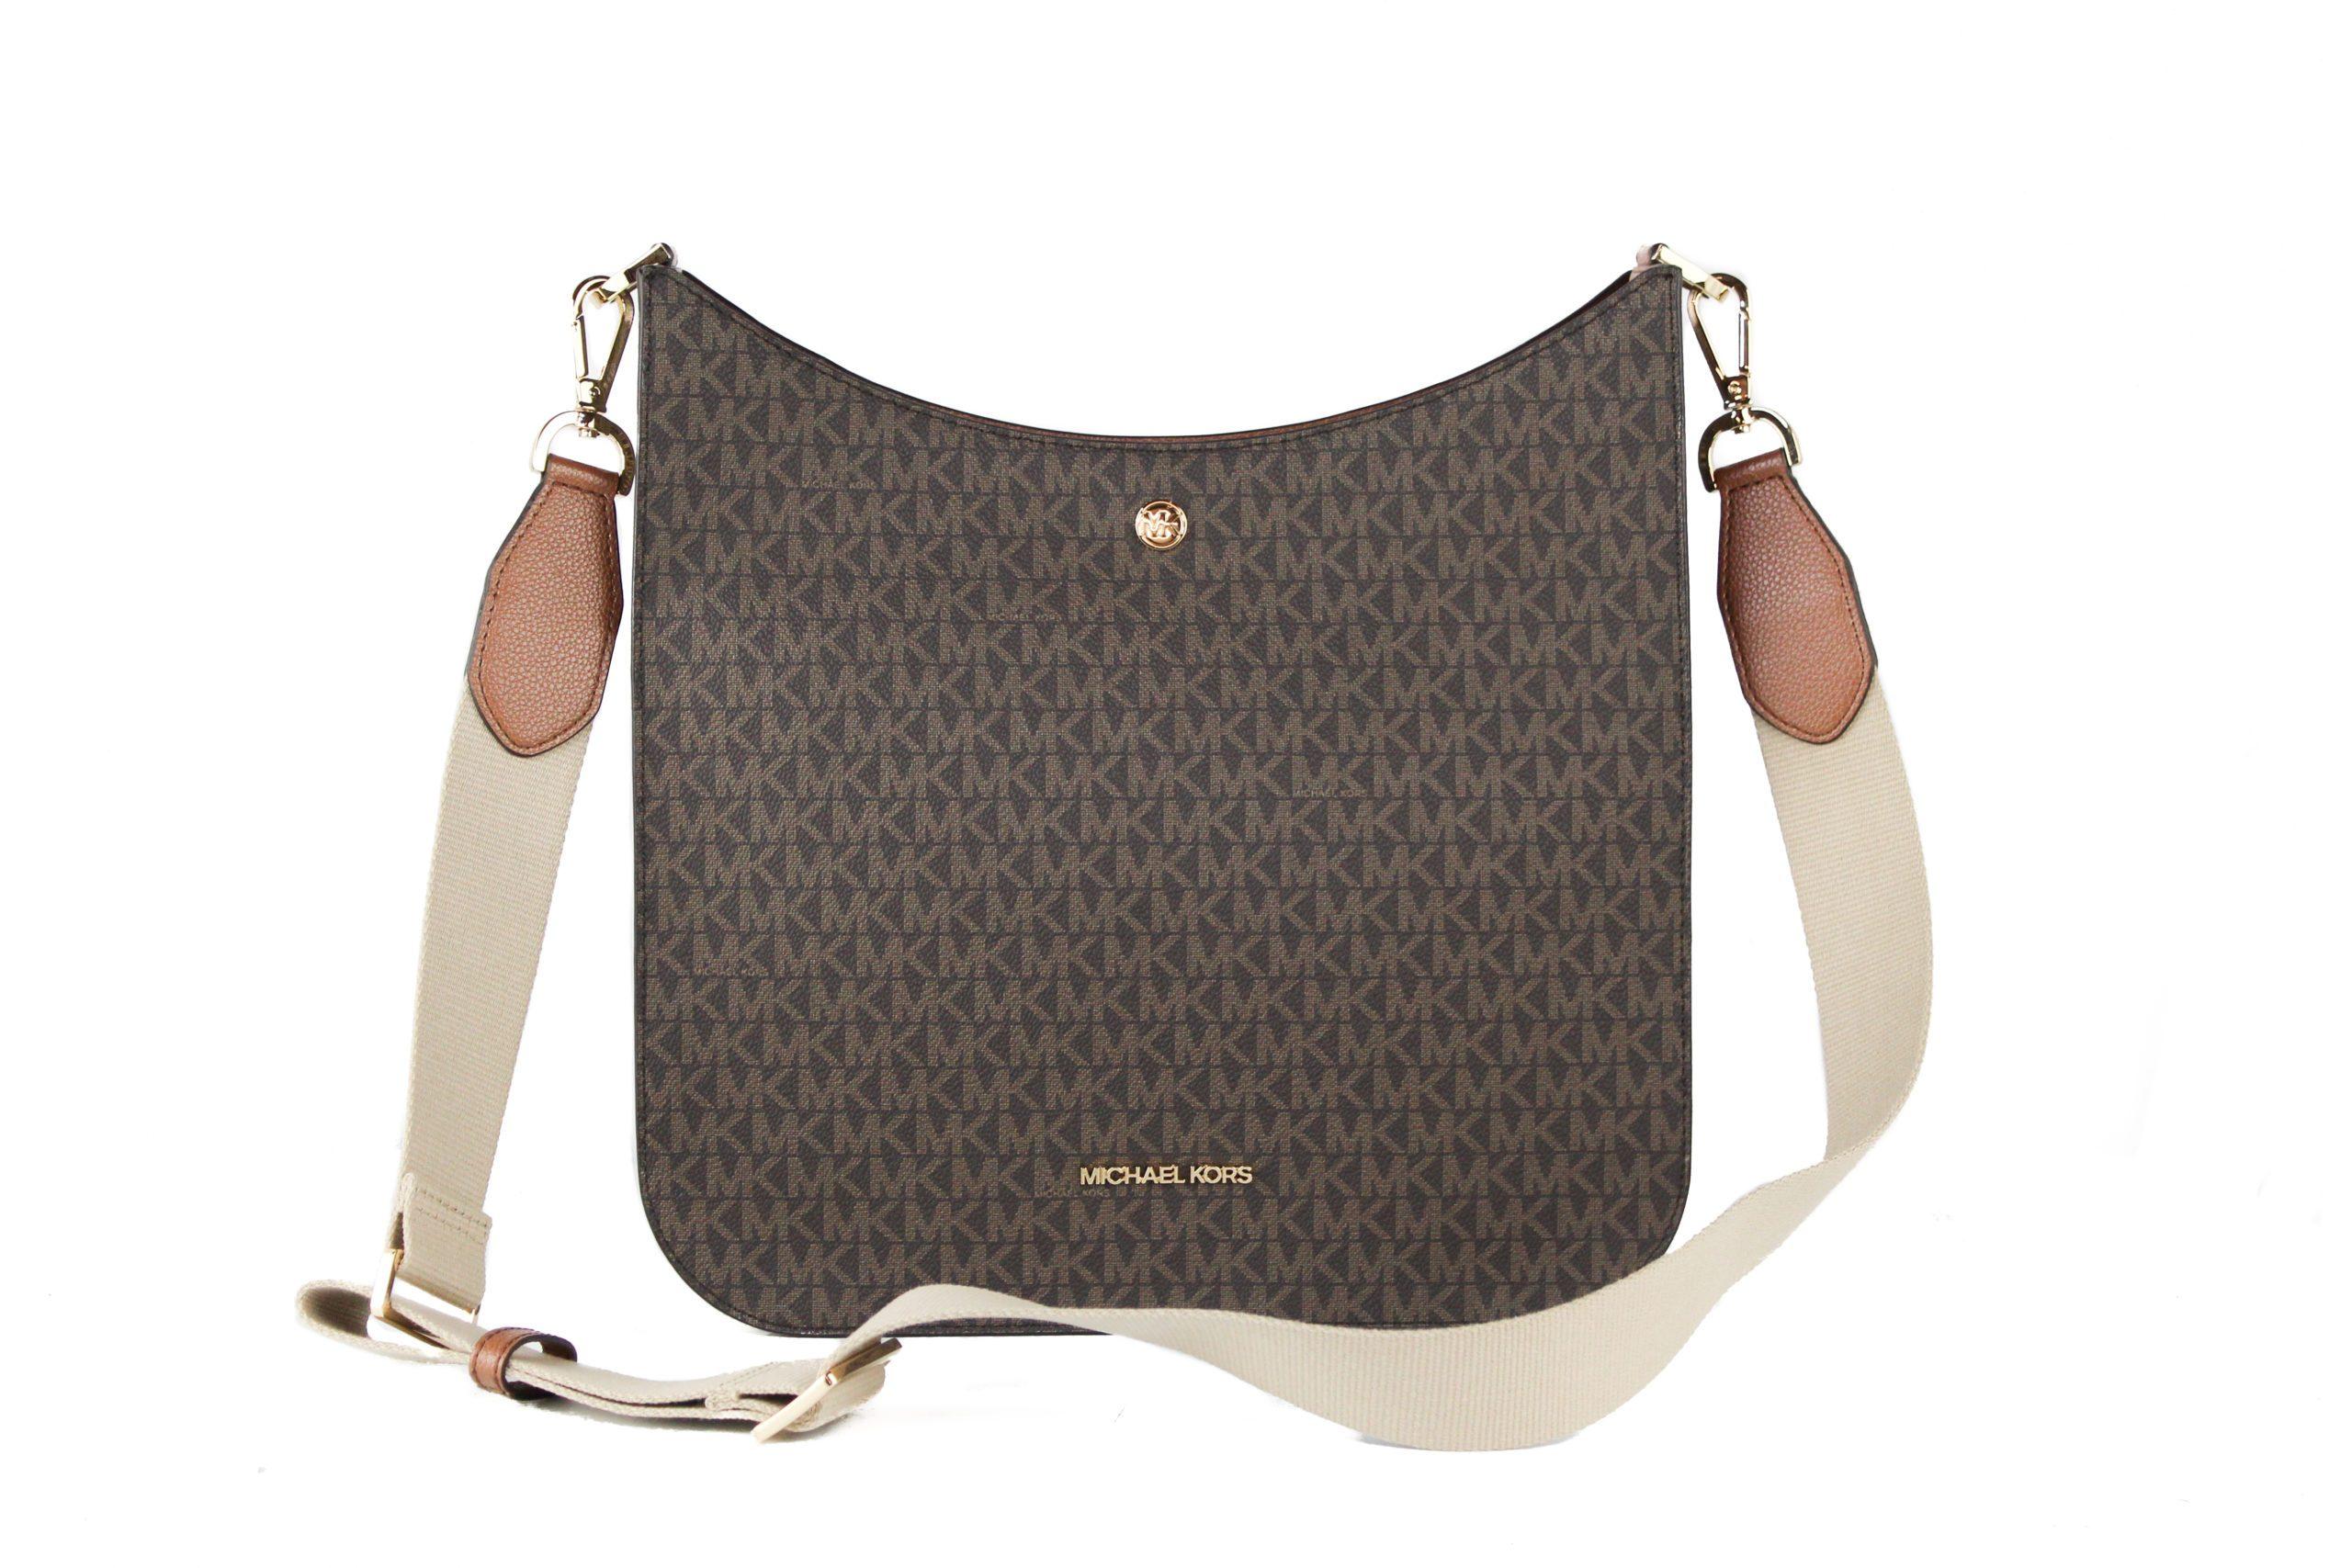 Michael Kors Women's Briley Bag Brown 87521